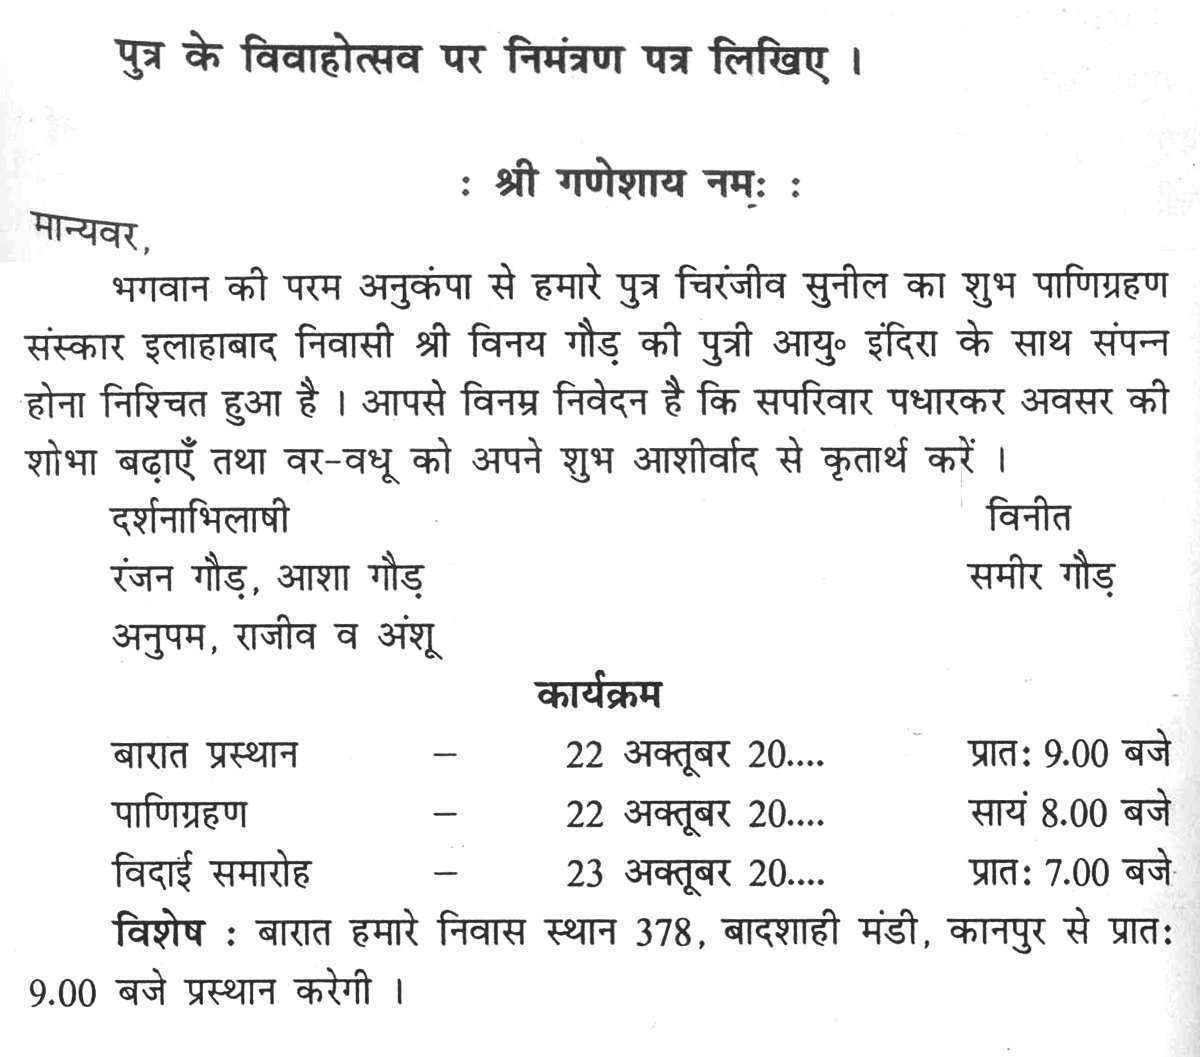 18 Free Printable Invitation Card Format Hindi Formating with Invitation Card Format Hindi